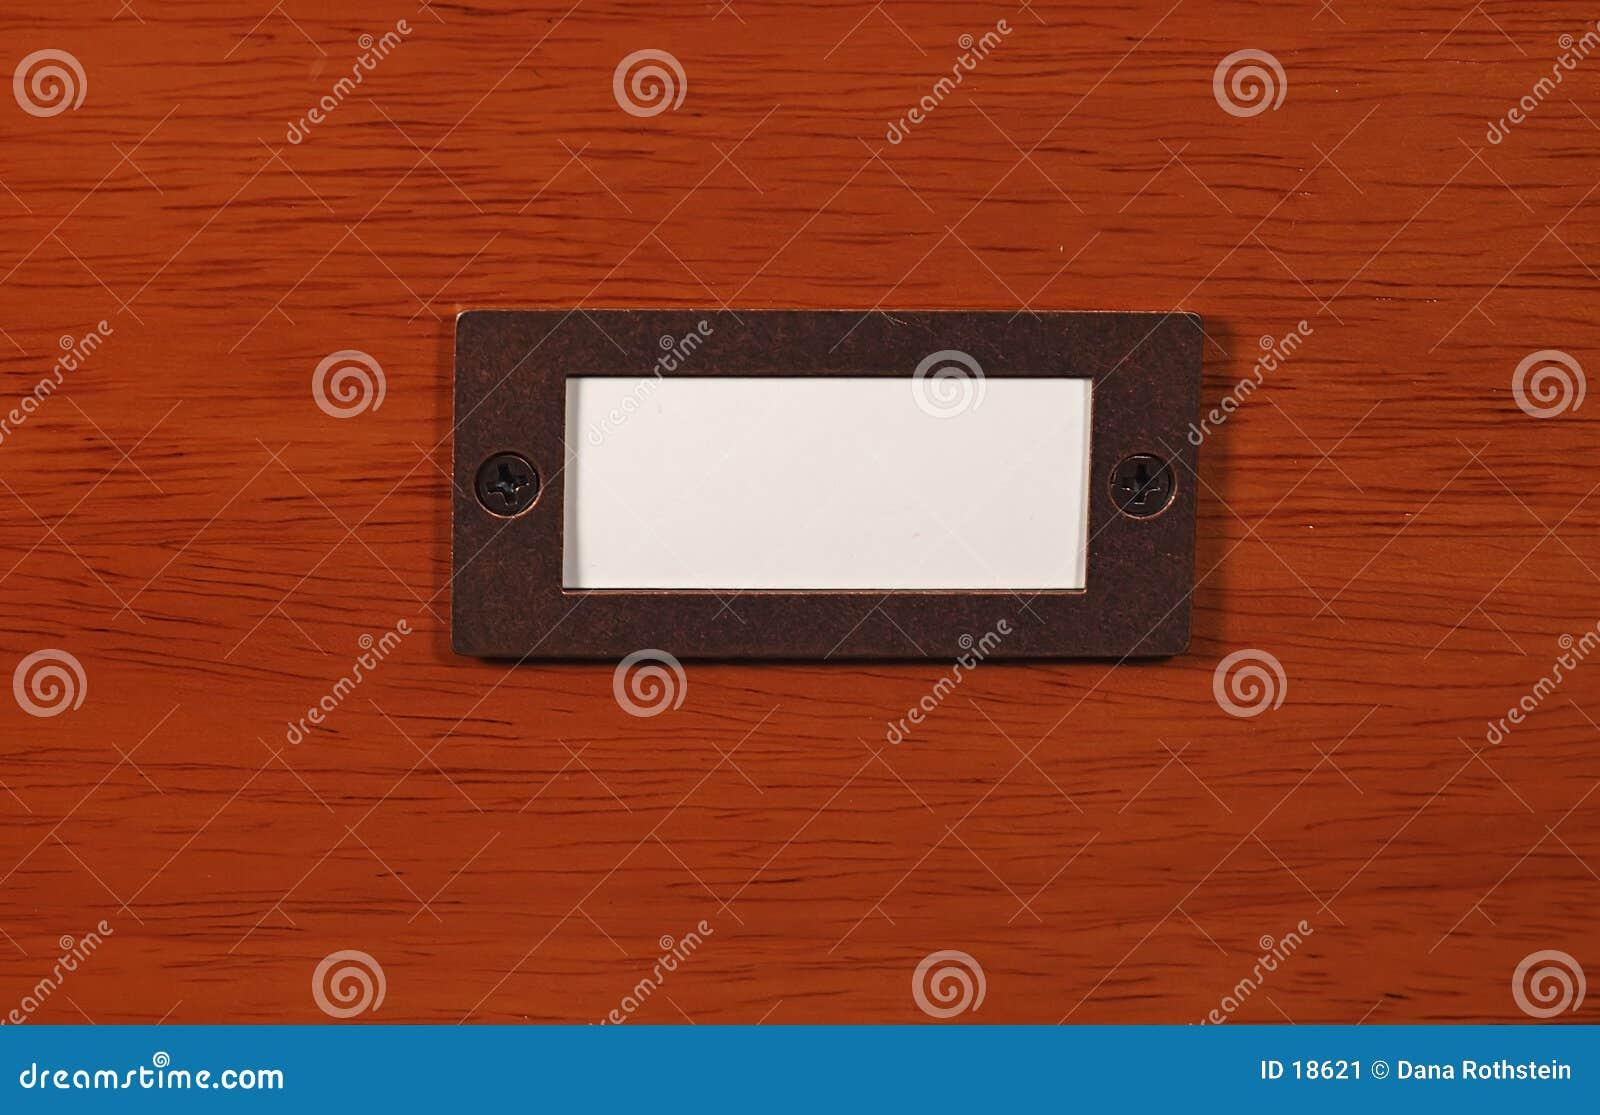 Holz mit Namensschild